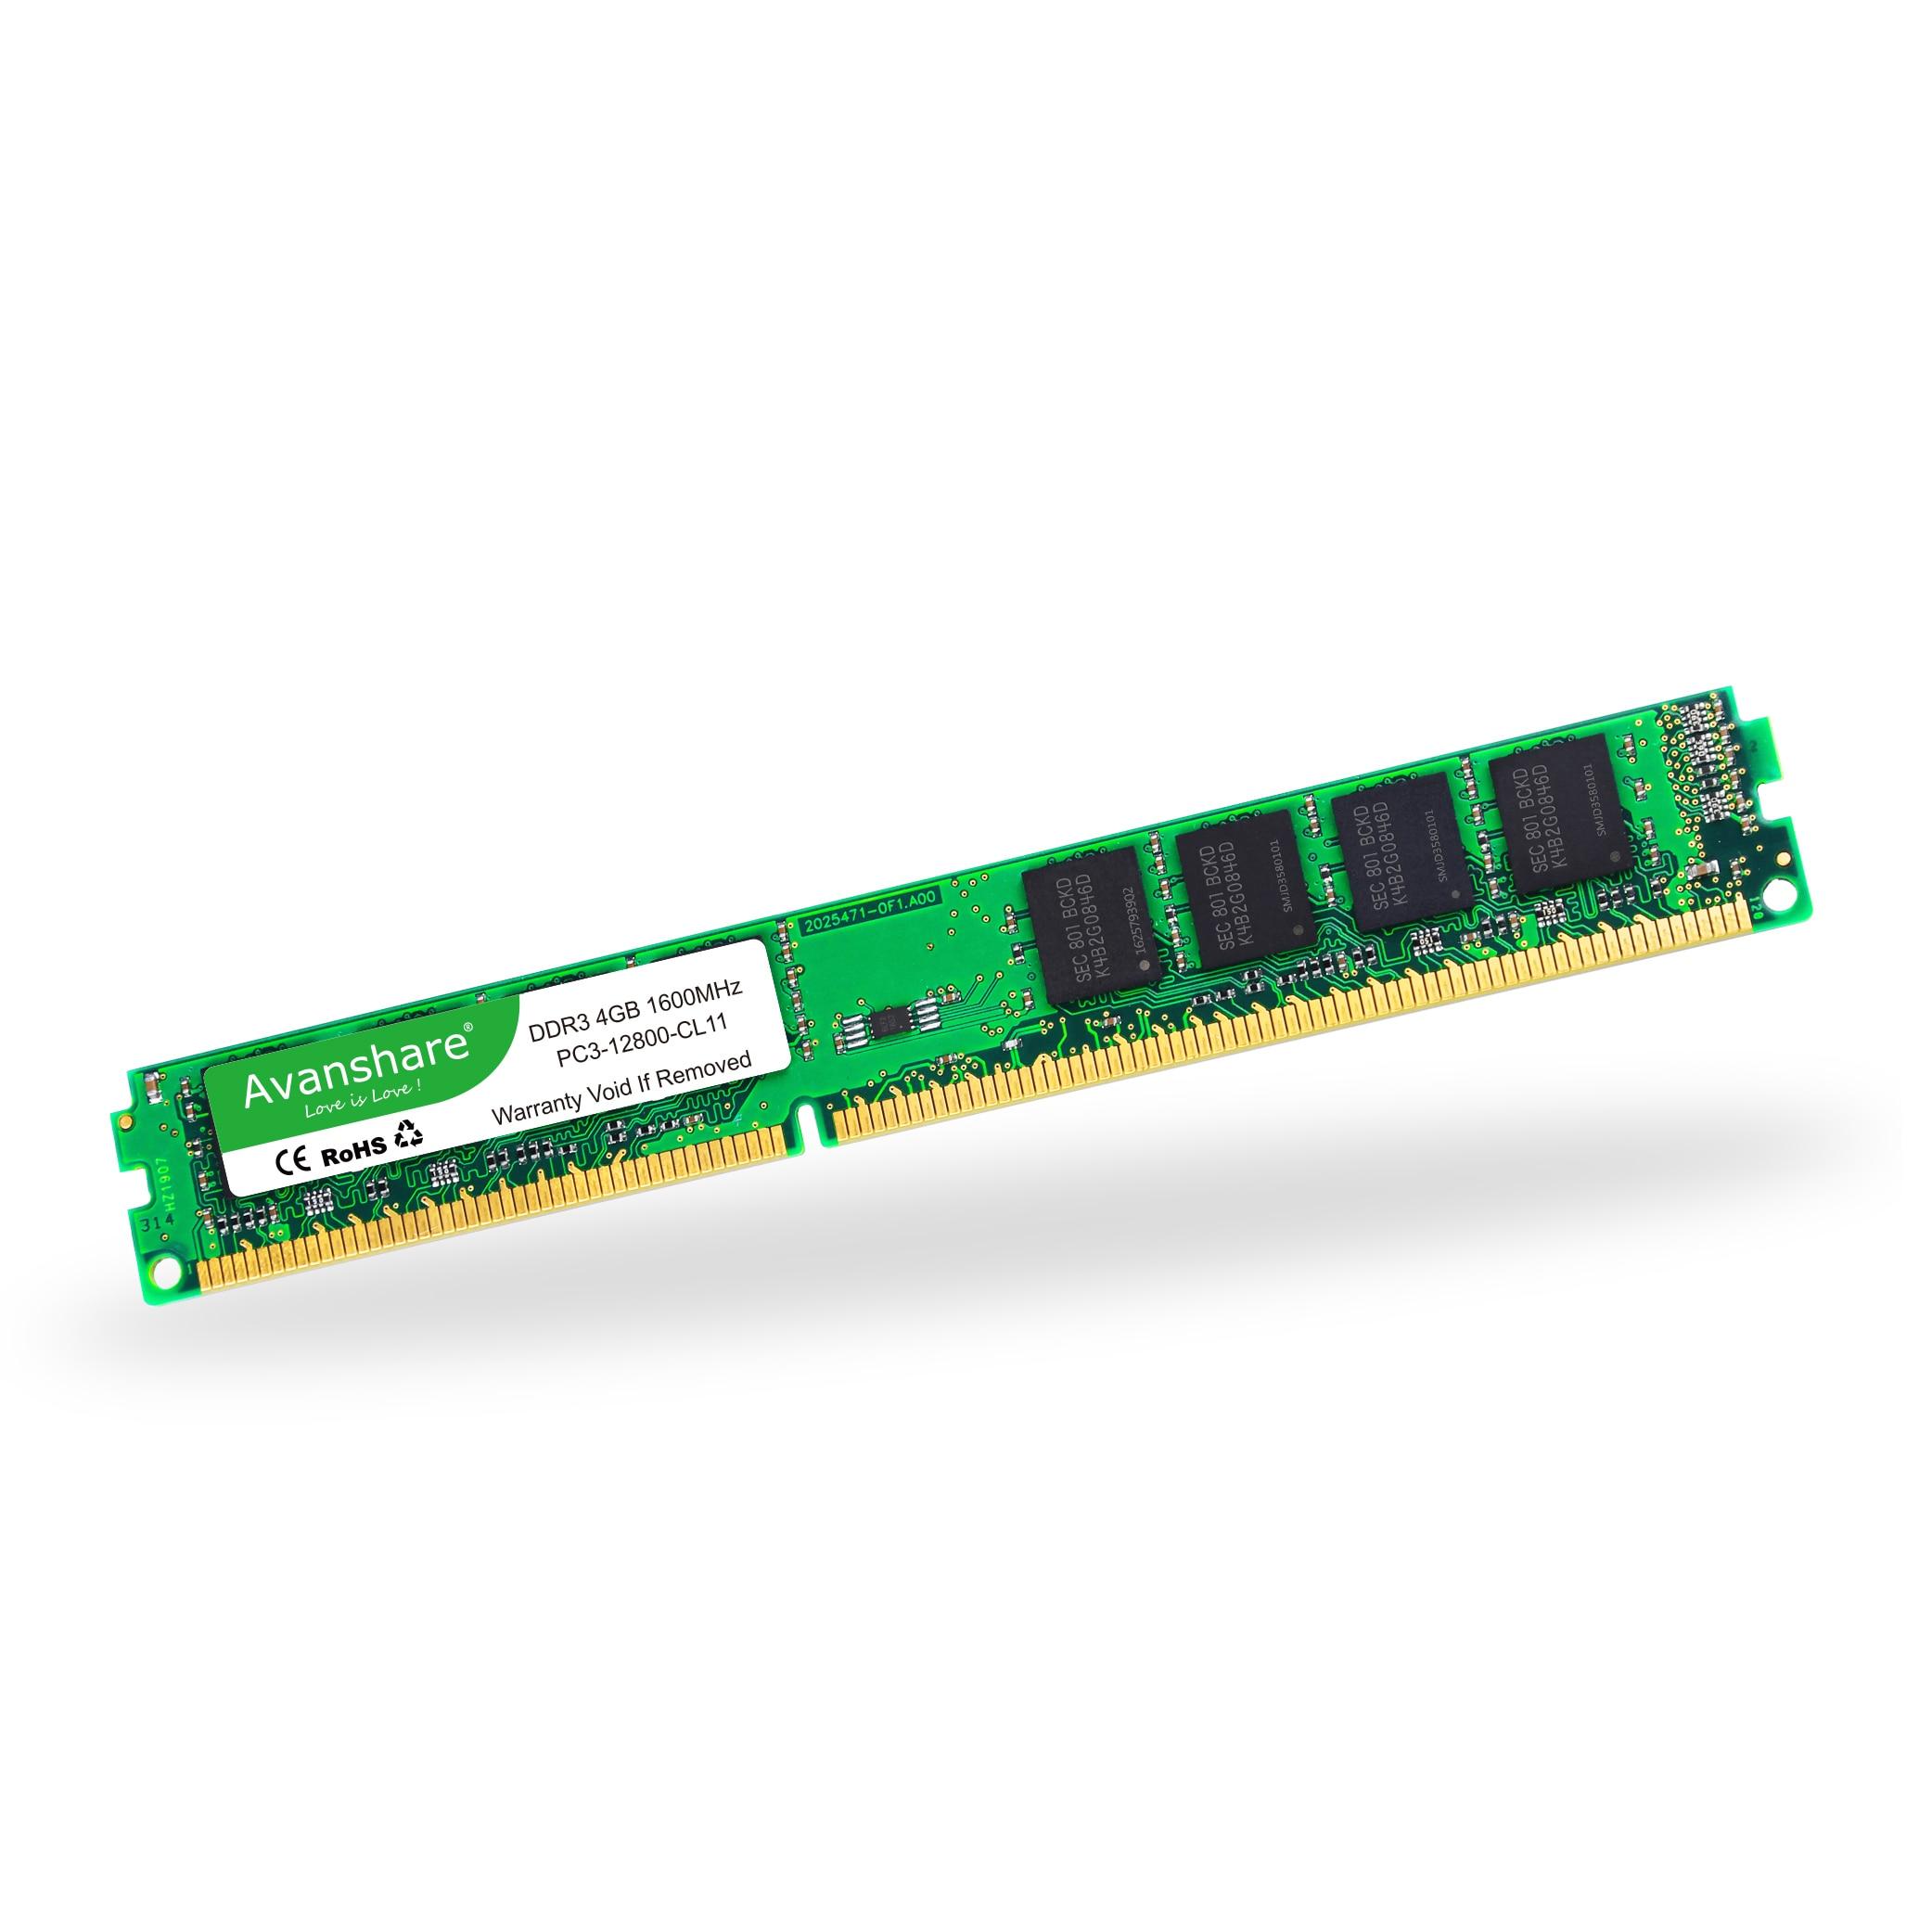 ОЗУ Avanshare DDR3 8 ГБ 4 ГБ 2 Гб 1333 МГц 1600 МГц память для настольного компьютера 240pin 1,5 в DIMM Intel AMD